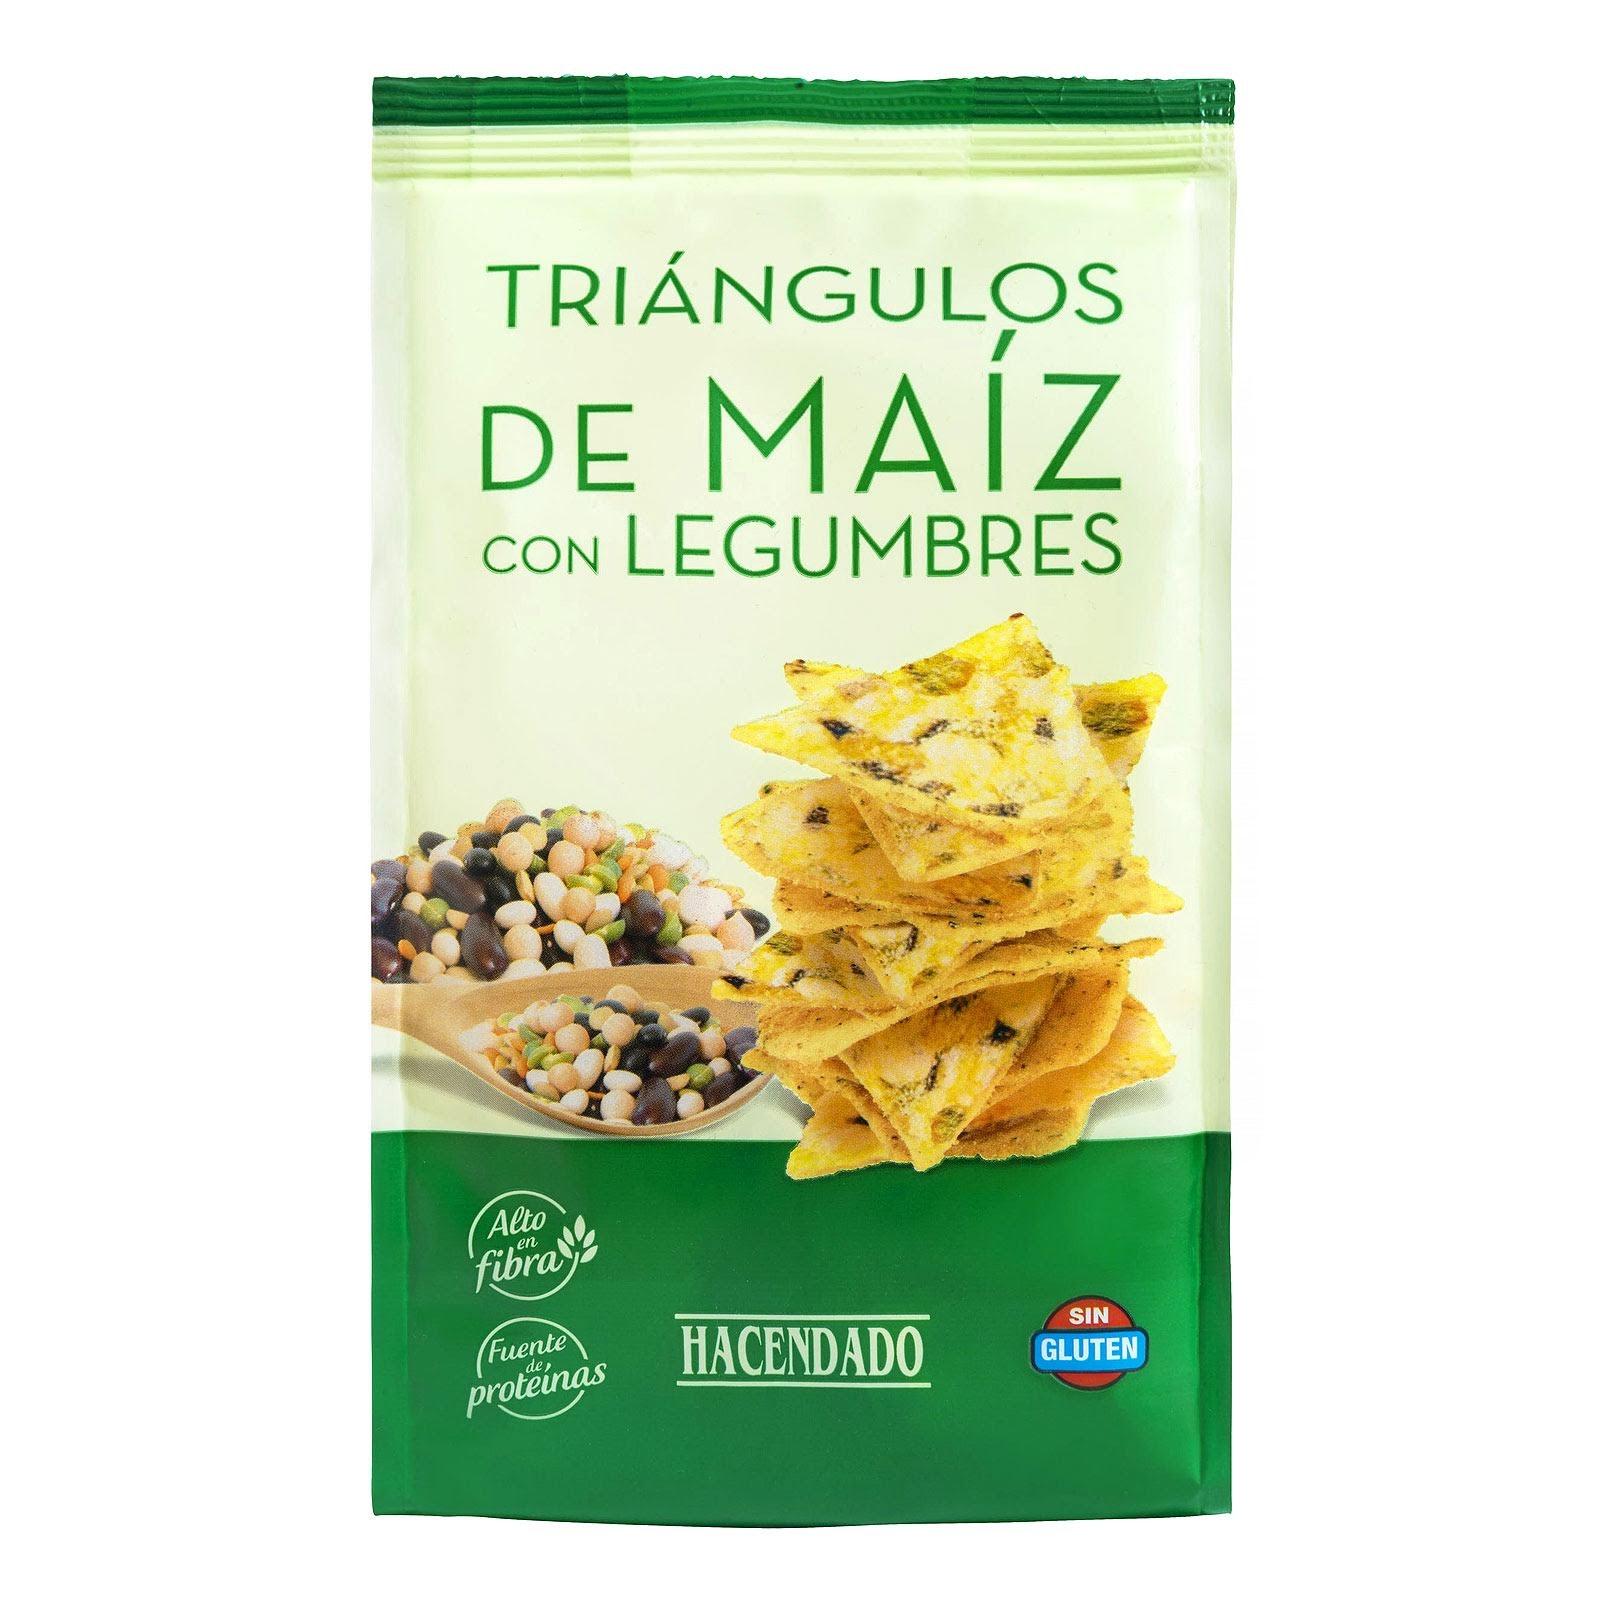 Triángulos de maíz con legumbres Hacendado